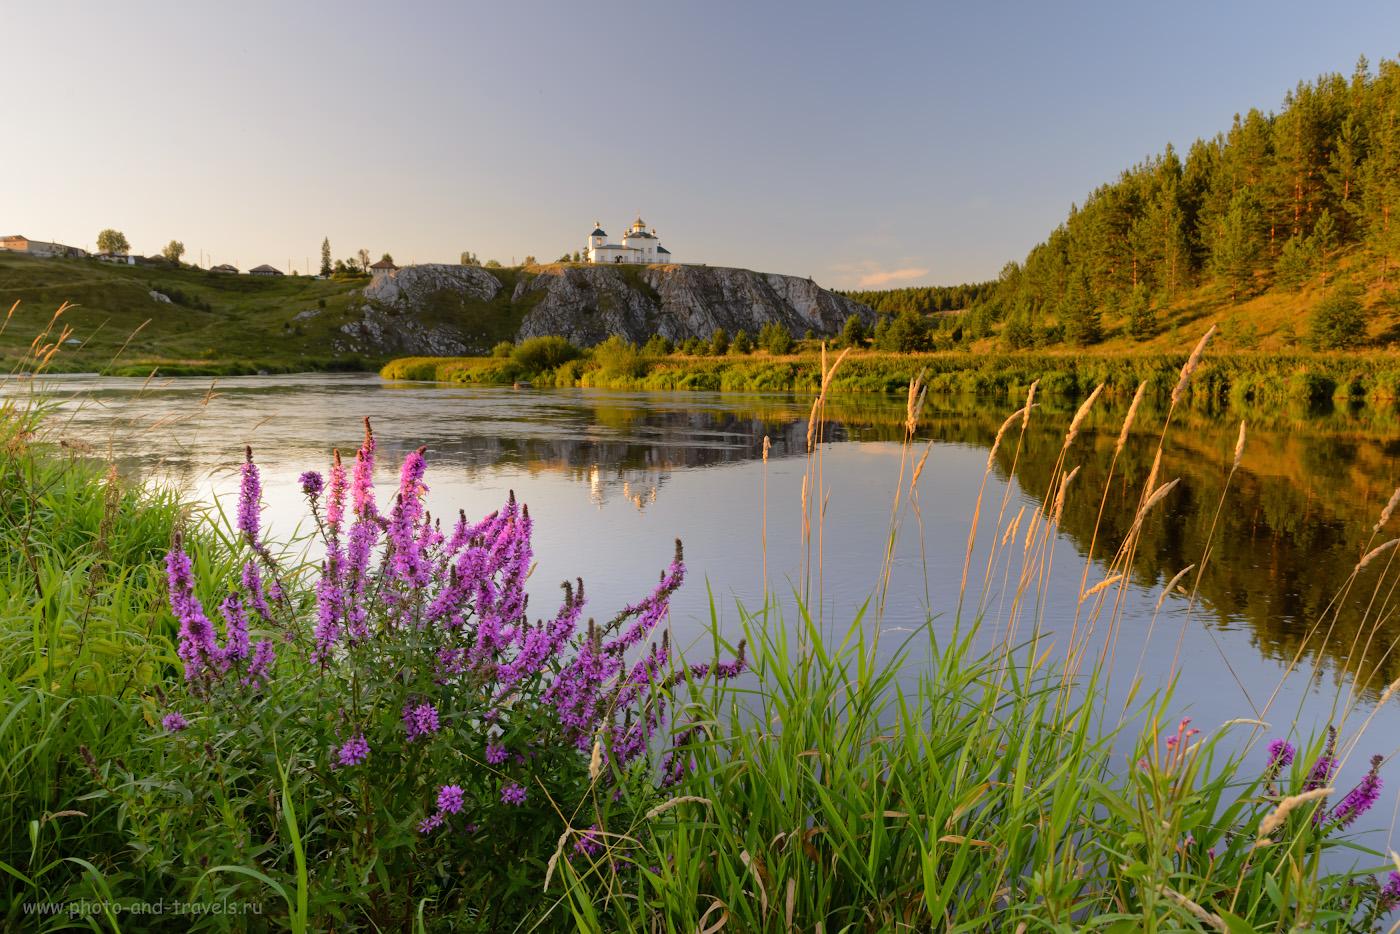 1. Вид на скалу Церковный камень в селе Арамашево со стороны моста через реку Реж. Куда поехать на автомобиле в Свердловской области, чтобы увидеть интересные природные достопримечательности? Снято на зеркалку Nikon D610 с объективом Nikon 24-70mm f/2.8G. Настройки: В=1/80 сек., поправка экспозиции -0,67EV, f/10.0, ISO 500, 24 мм.